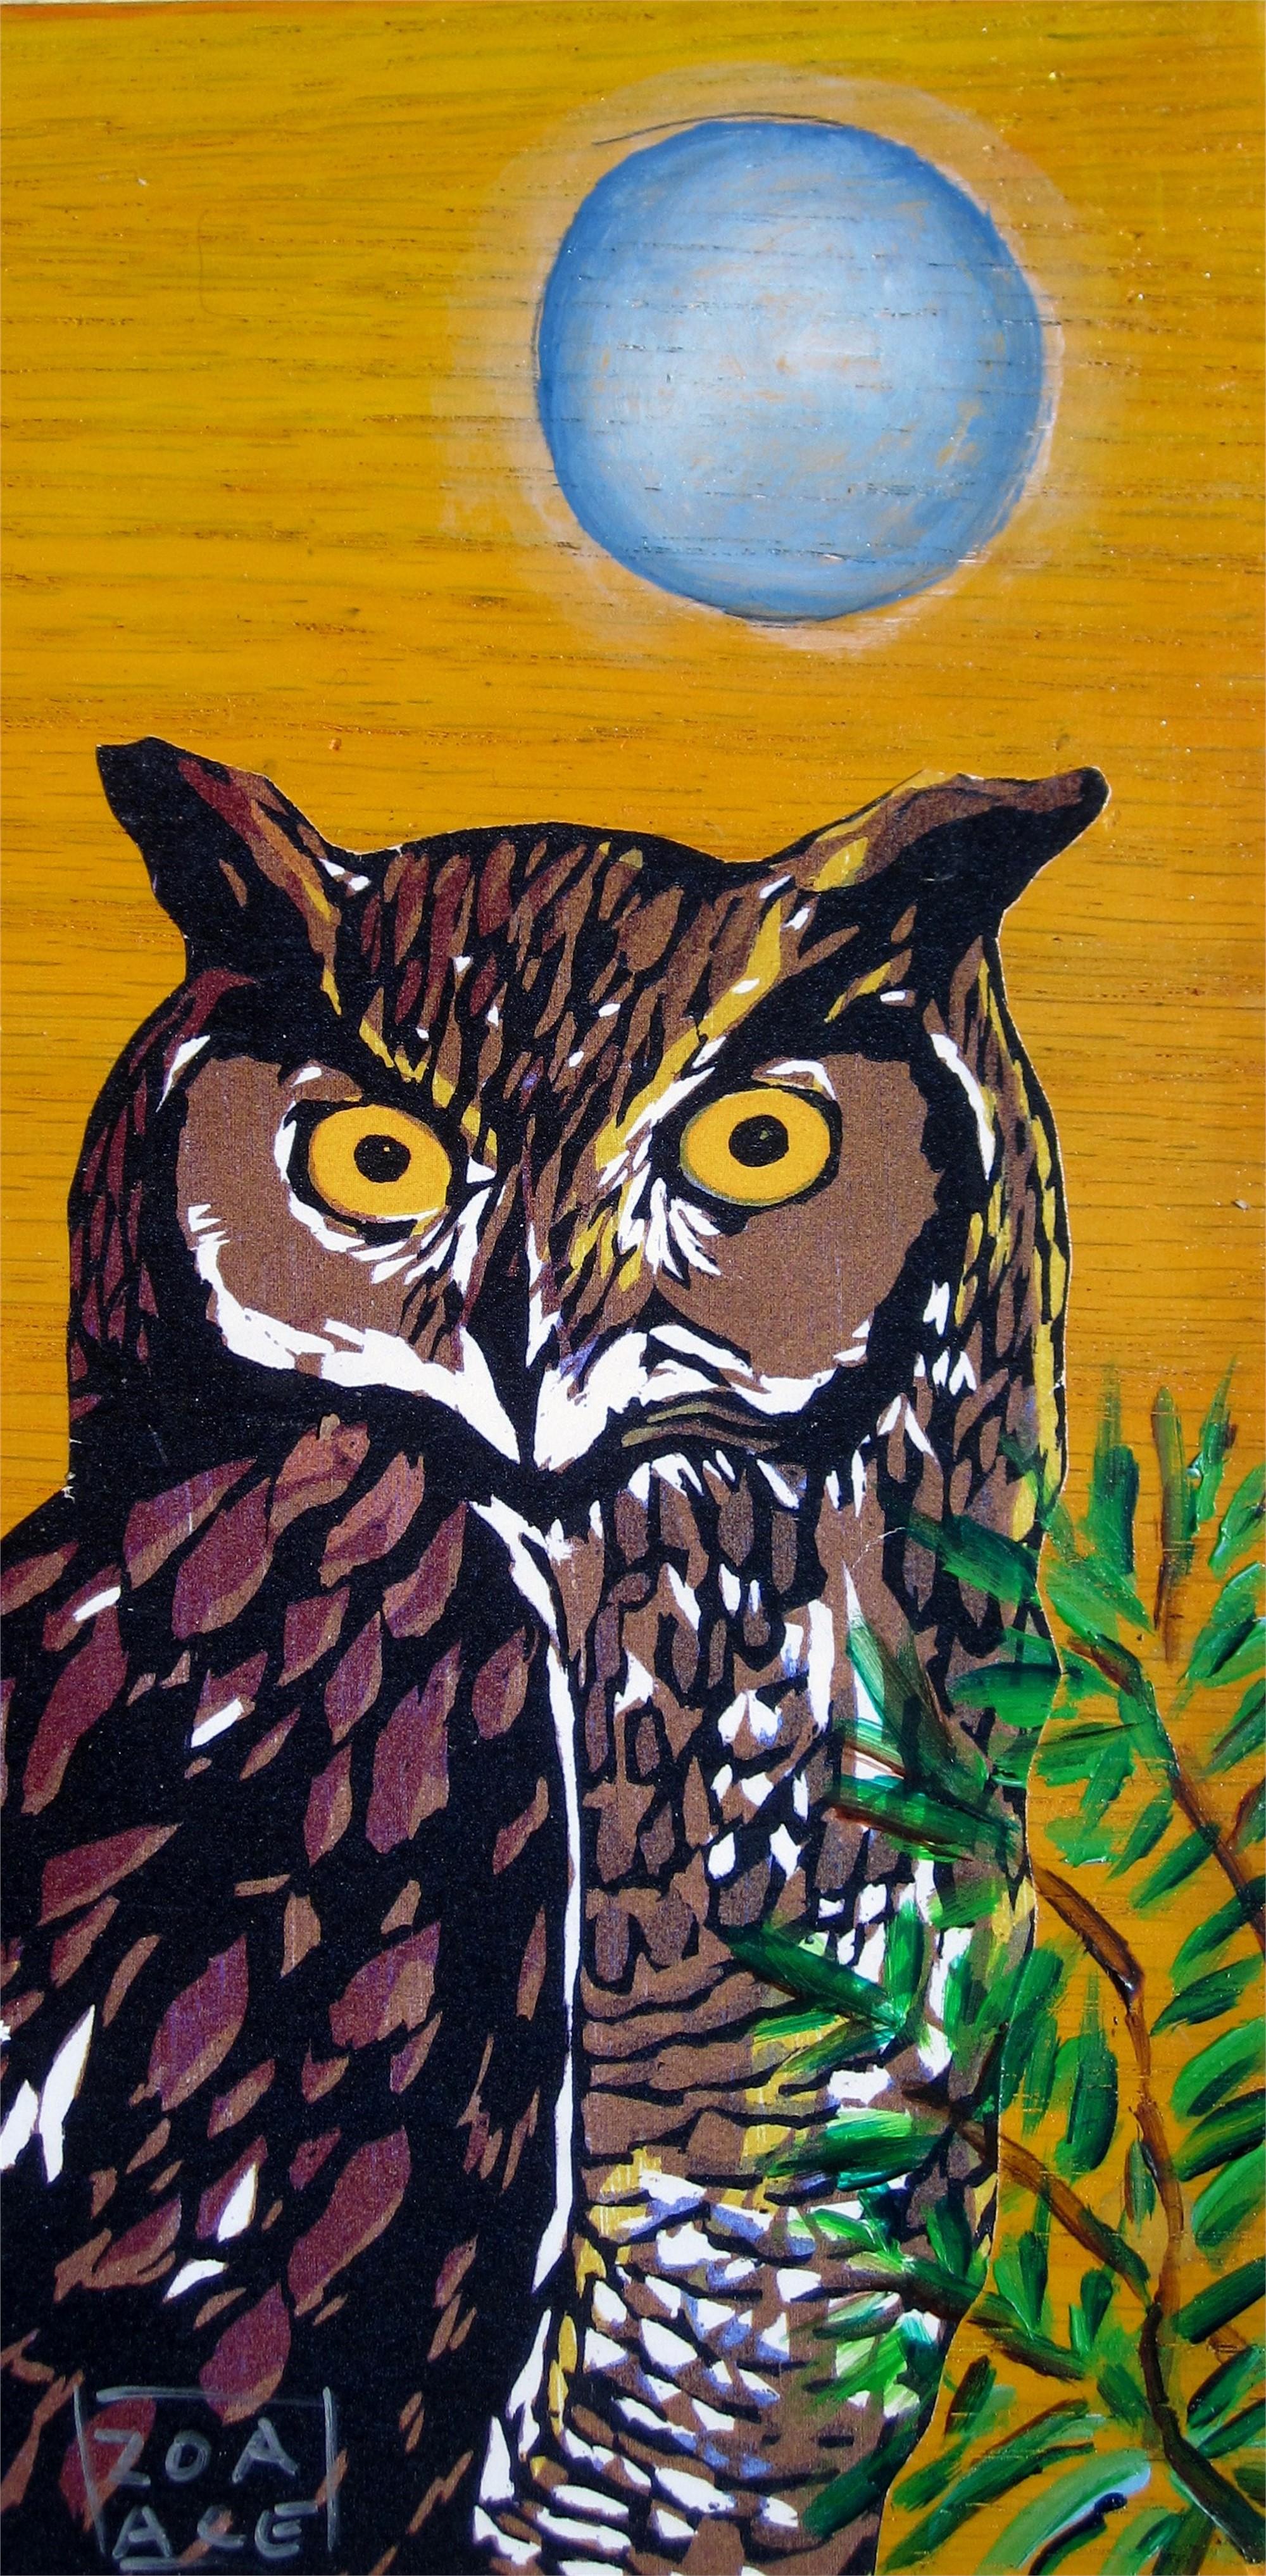 Night Owl by Zoa Ace